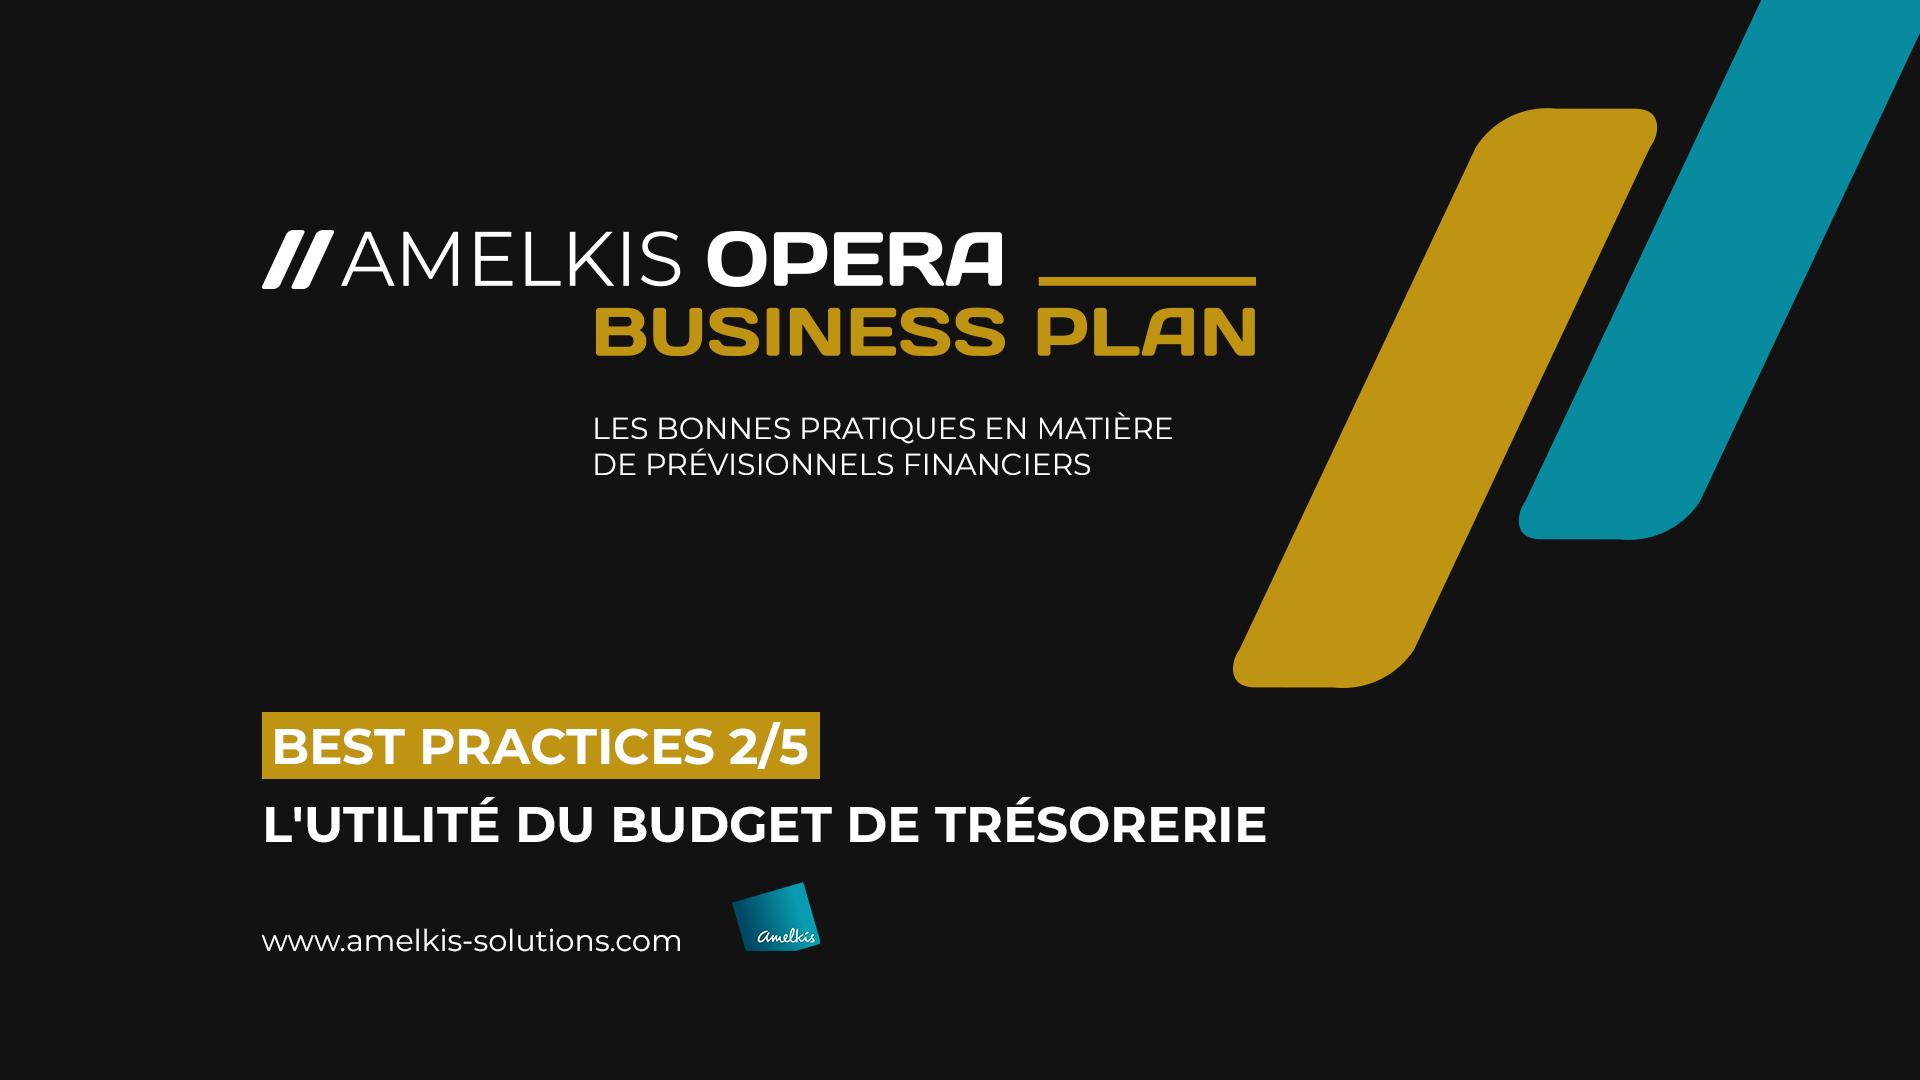 Business plan, best practice 2/5 : L'utilité du budget de trésorerie